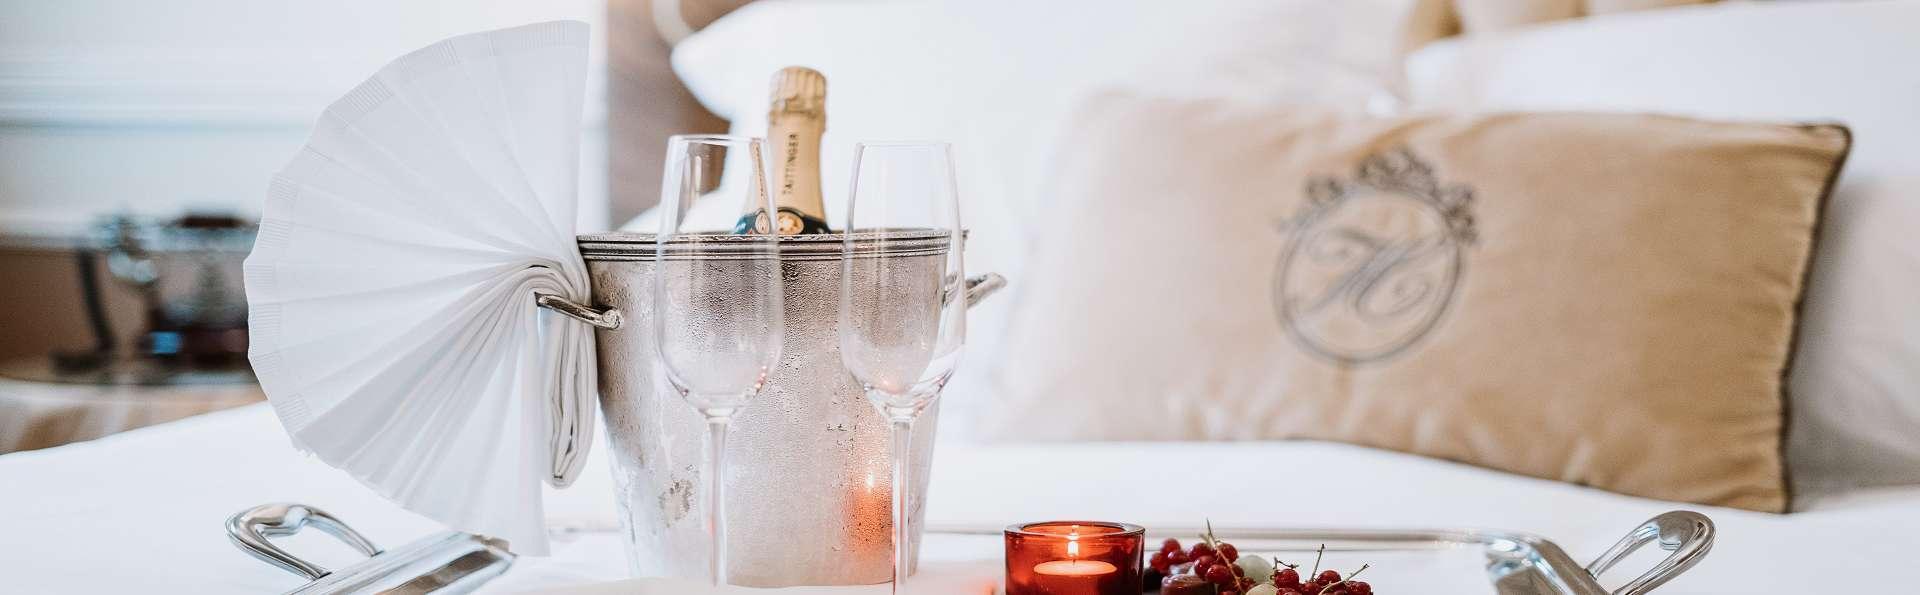 Luxe, élégance et délices culinaires avec un diner en chambre à Bruges